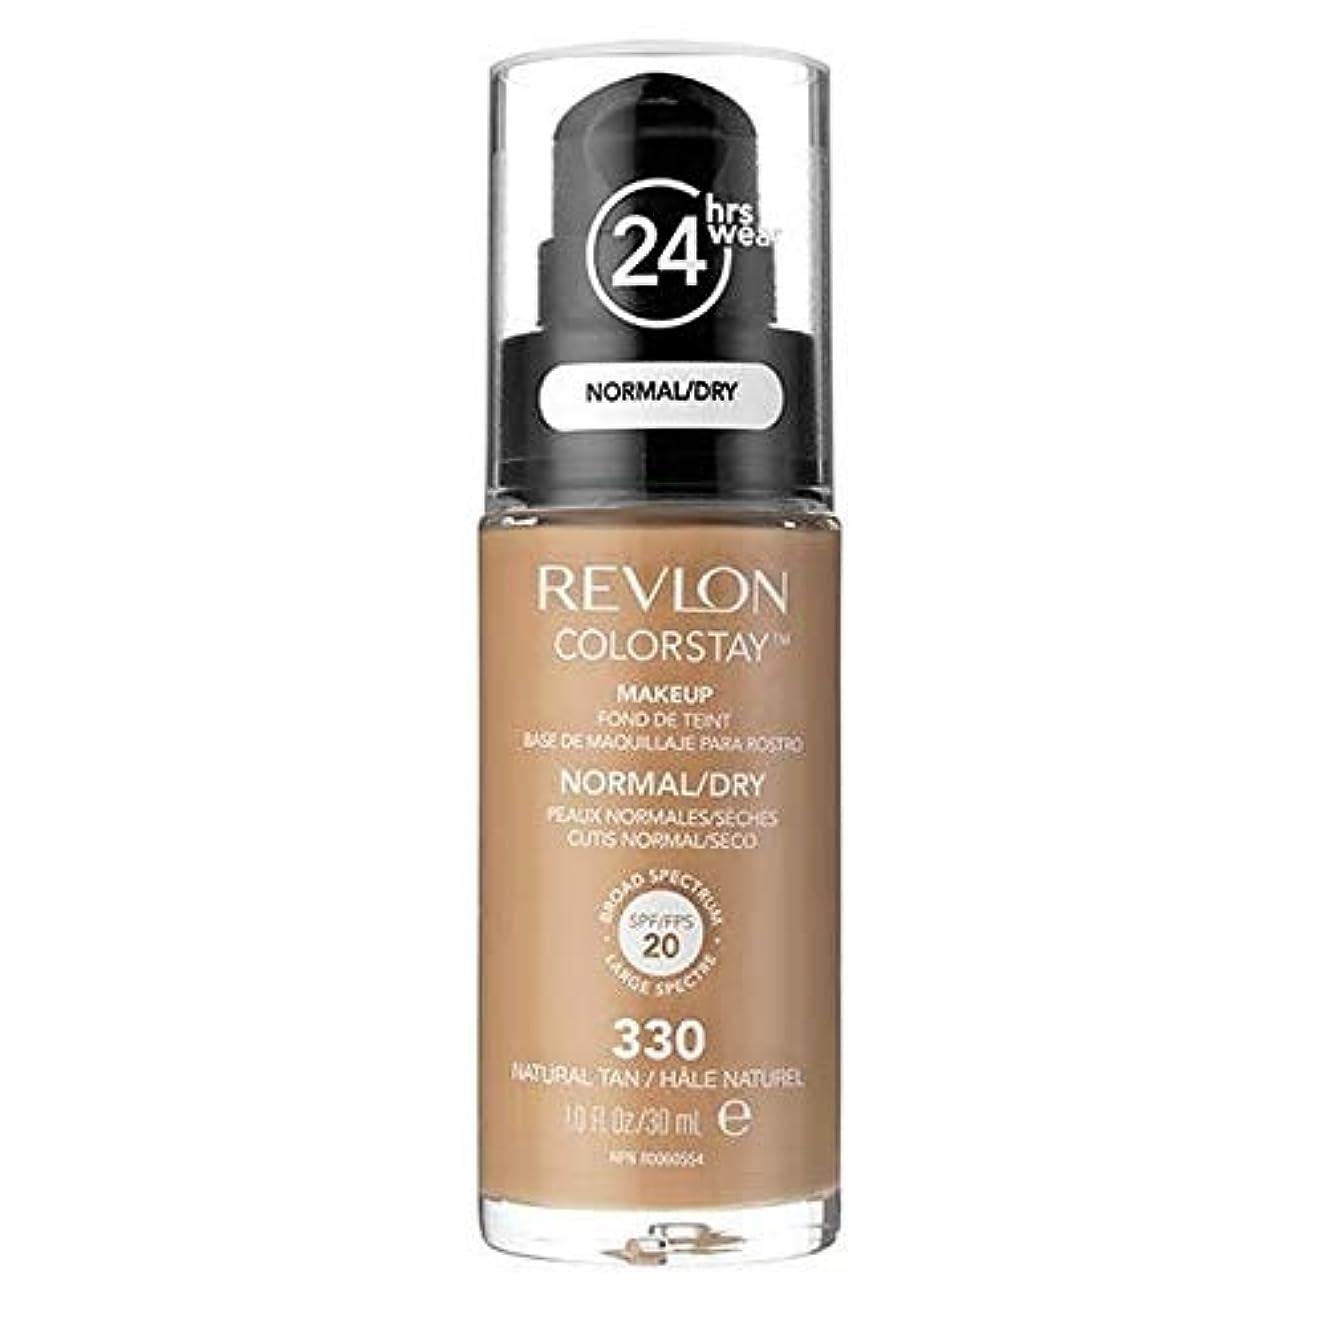 測定可能バタフライ元の[Revlon ] レブロンカラーステイ基盤ノルム/ドライNat日焼け30ミリリットル - Revlon Color Stay Foundation Norm/Dry Nat Tan 30ml [並行輸入品]